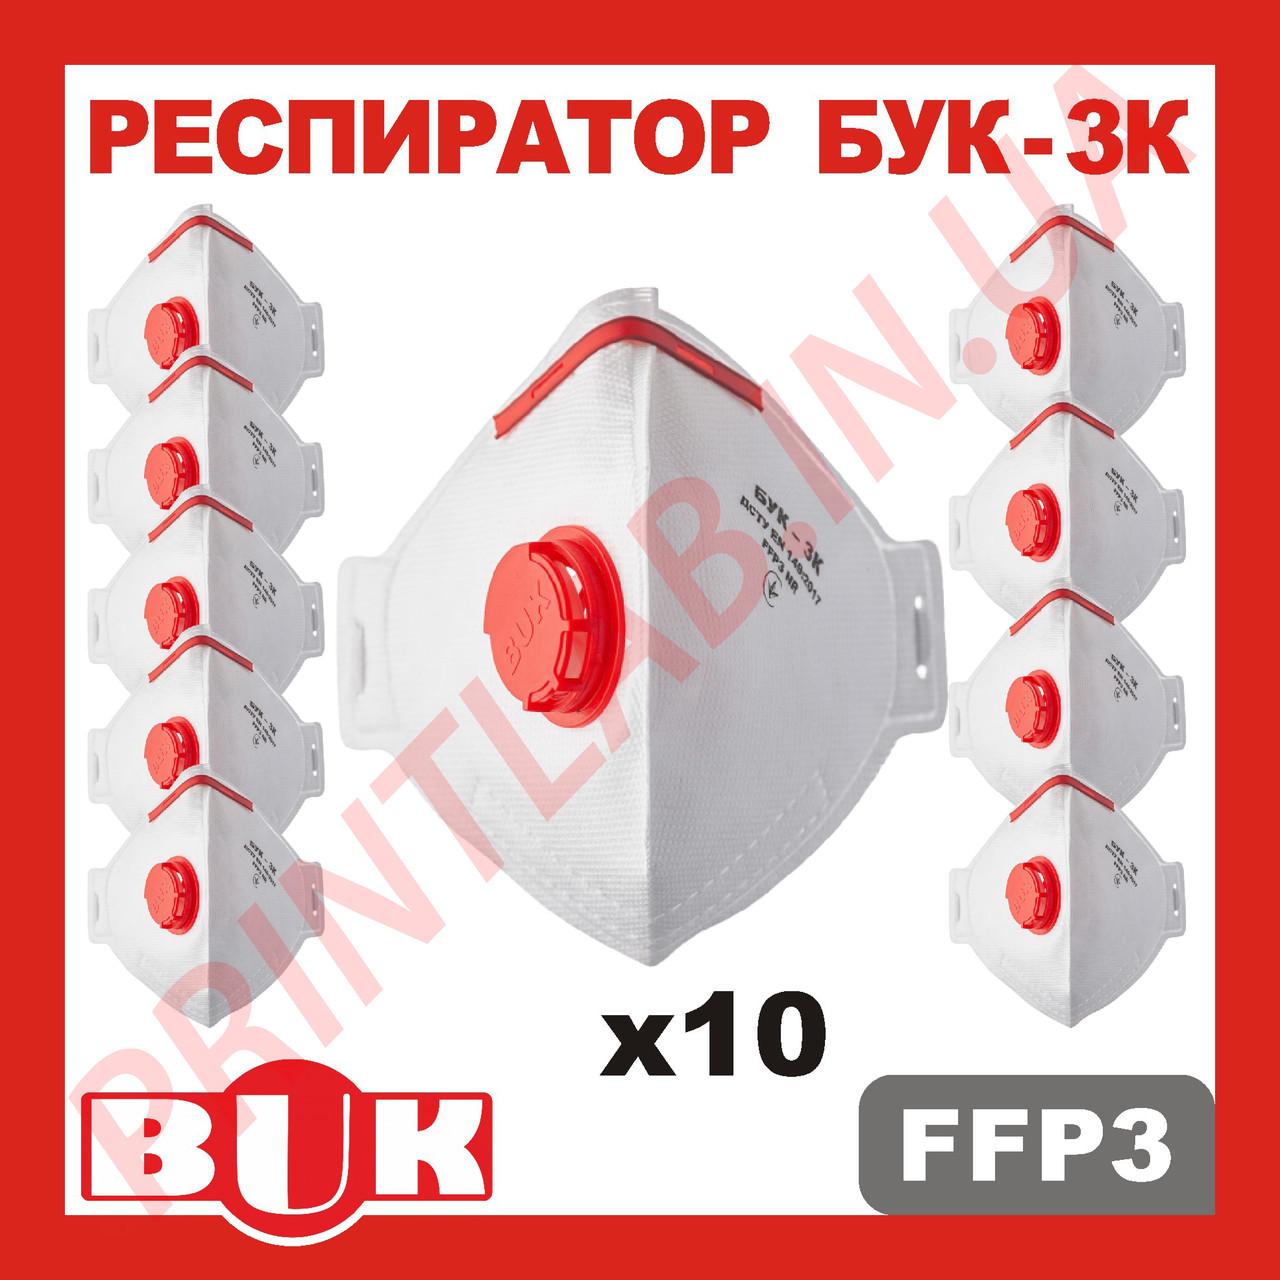 Респиратор FFP3 Защитная маска-респиратор FFP3 БУК 3К, Бук3К, БУК-3К комплект 10 штук